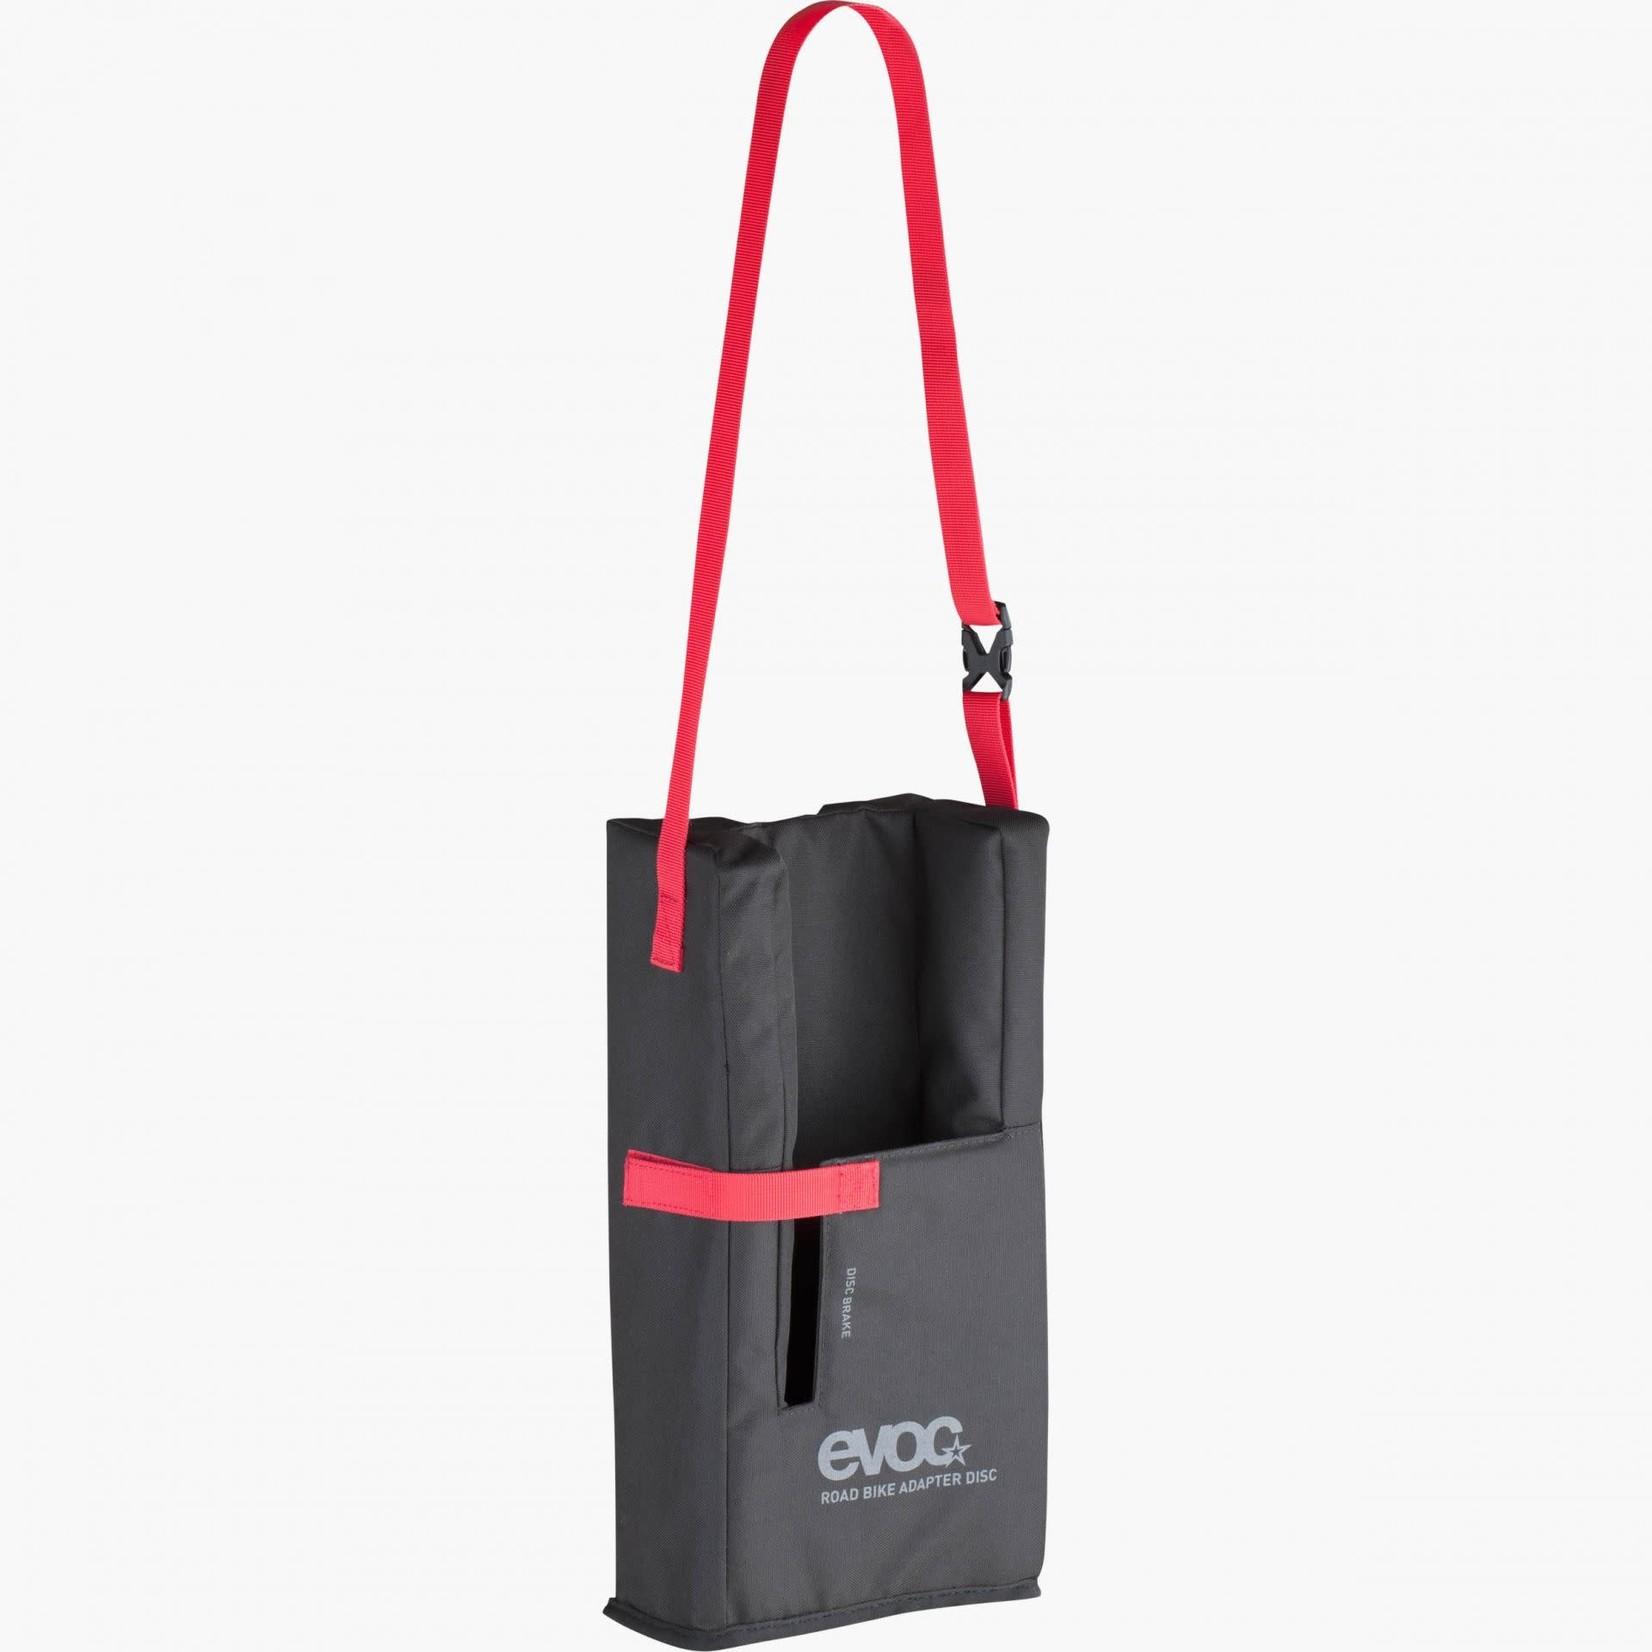 Evoc Road Bike Bag Disc Adapter